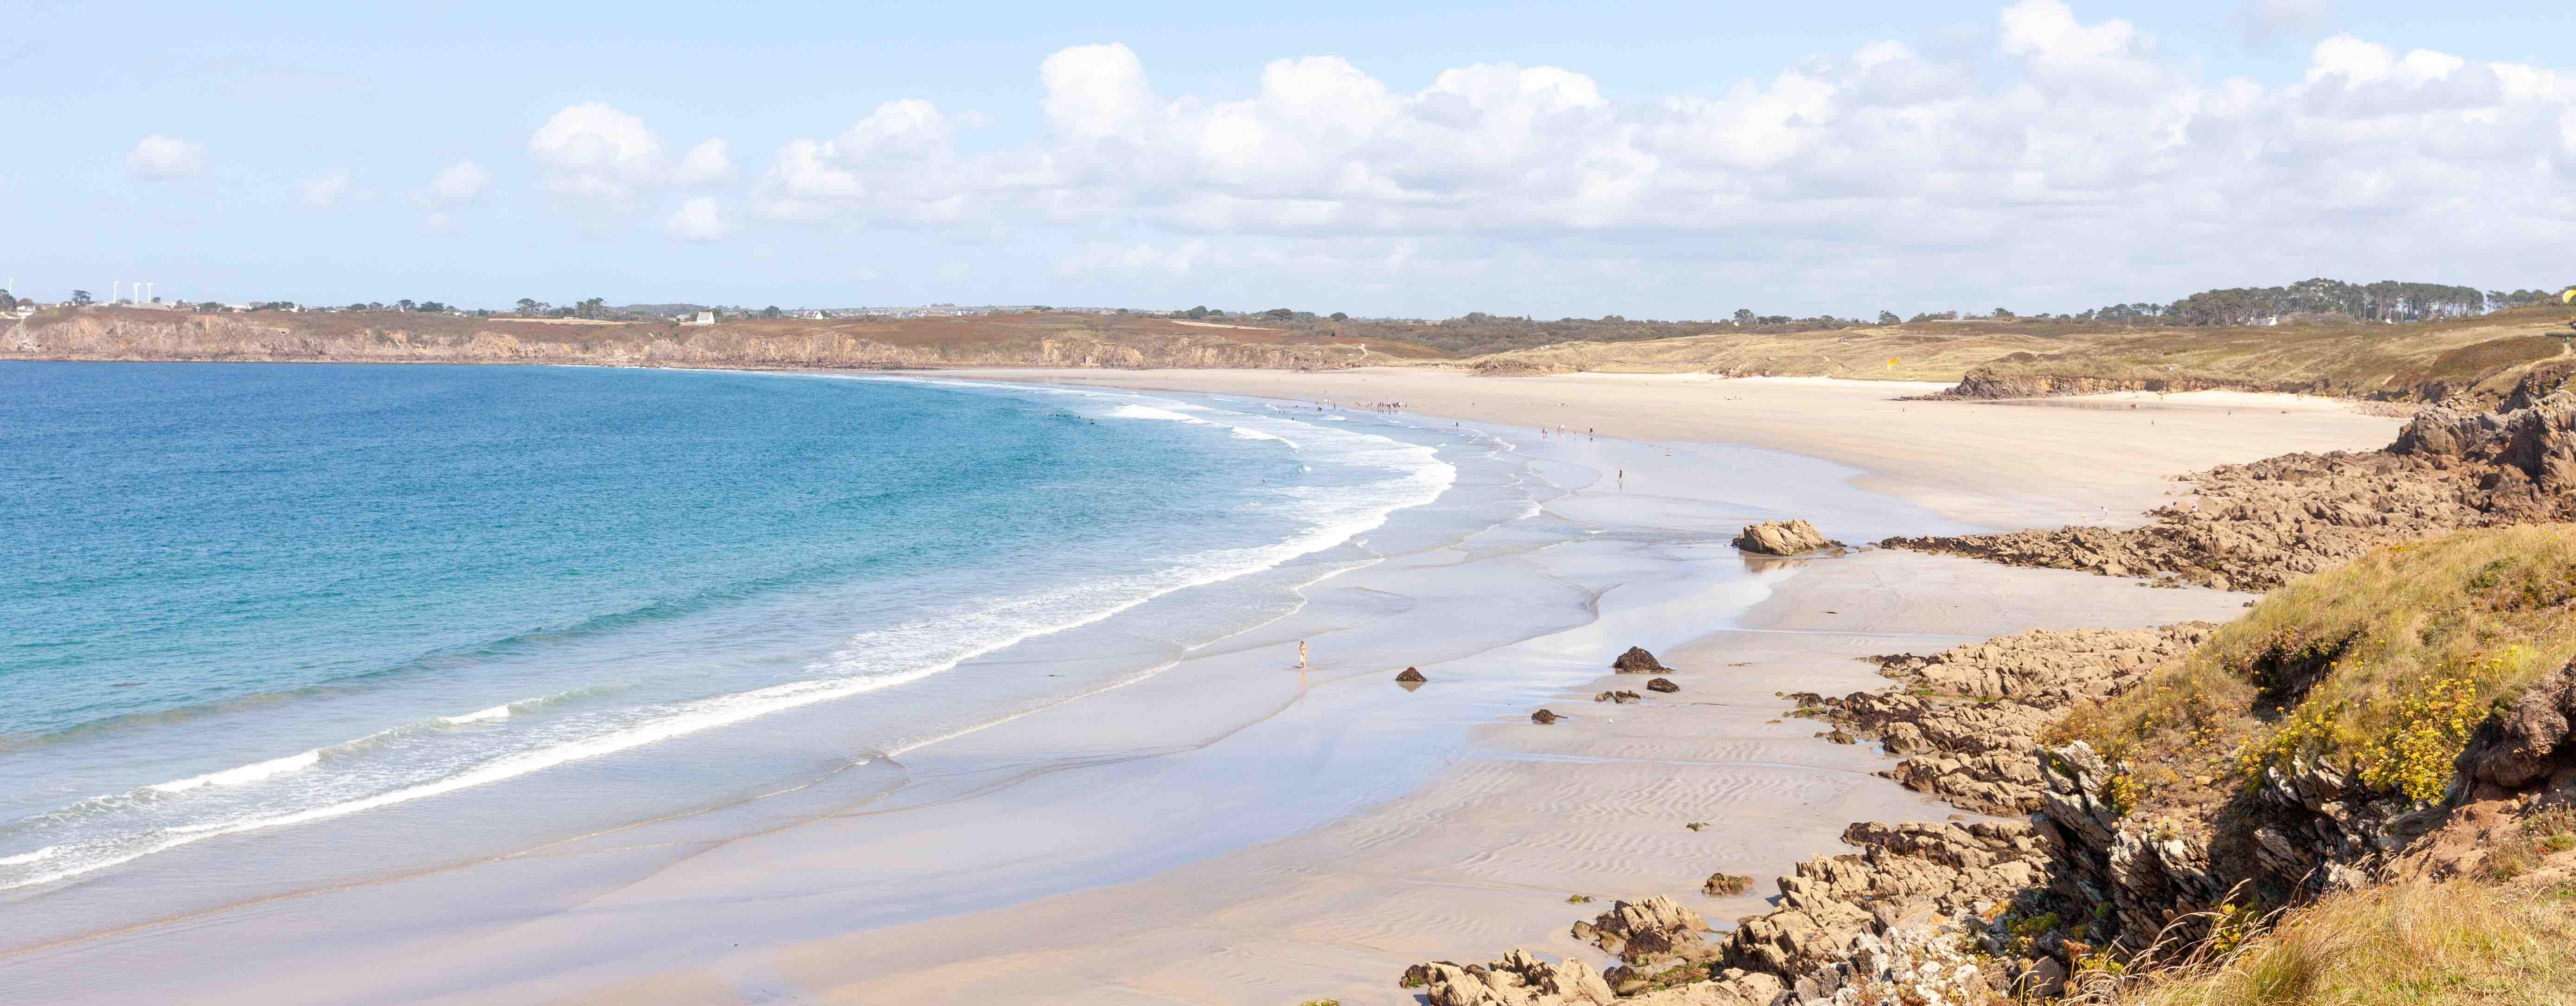 Plages du Finistère : lesquelles sont accessibles ?